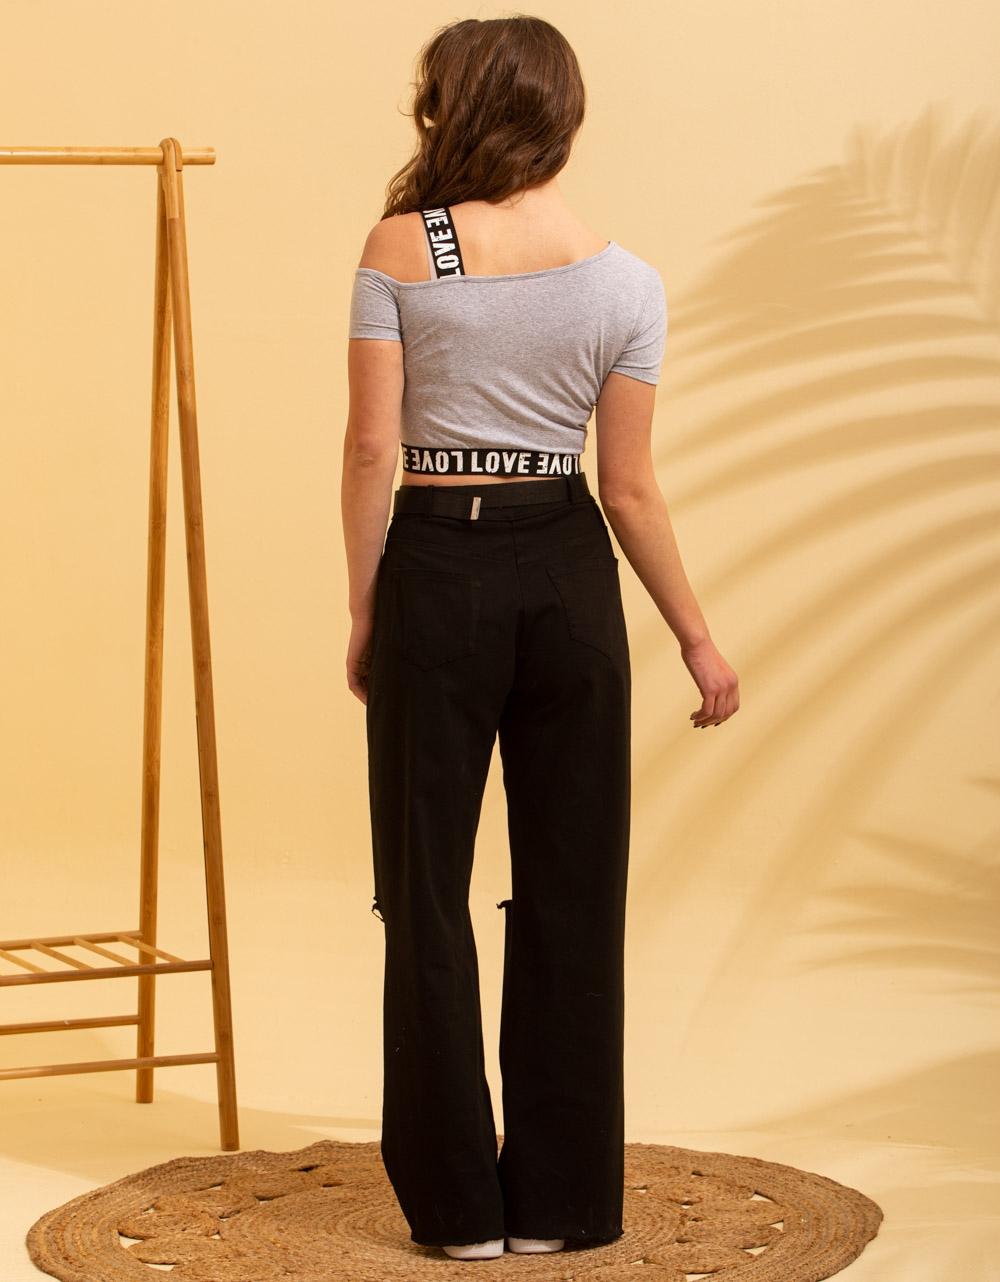 Εικόνα από Γυναικείο t-shirt με έναν ώμο Γκρι